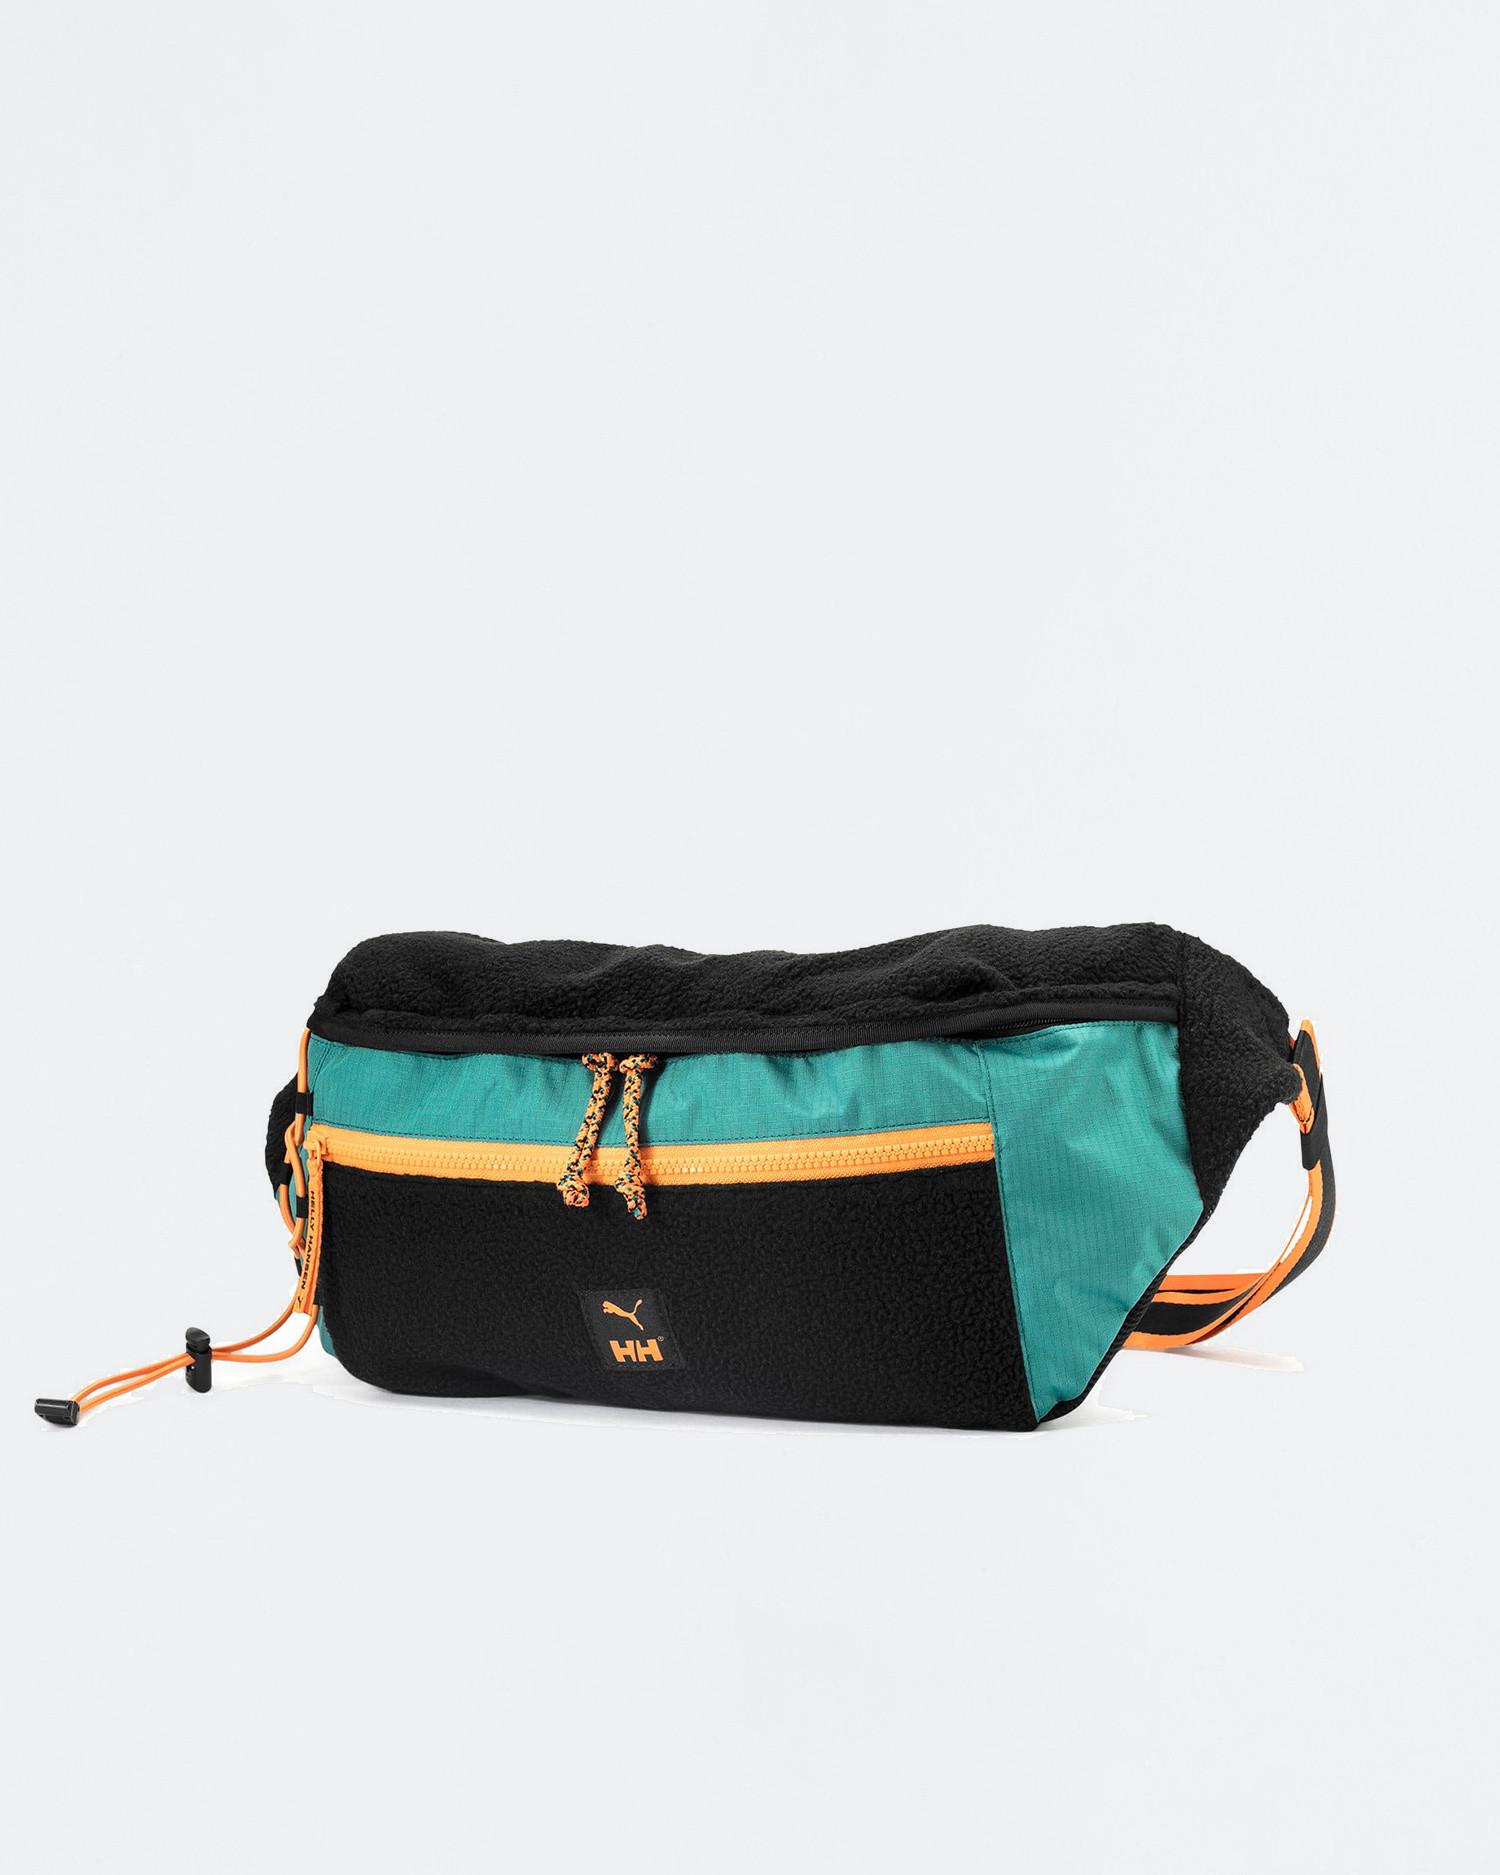 Puma x Helly Hansen Oversized waistbag Black/Teal green